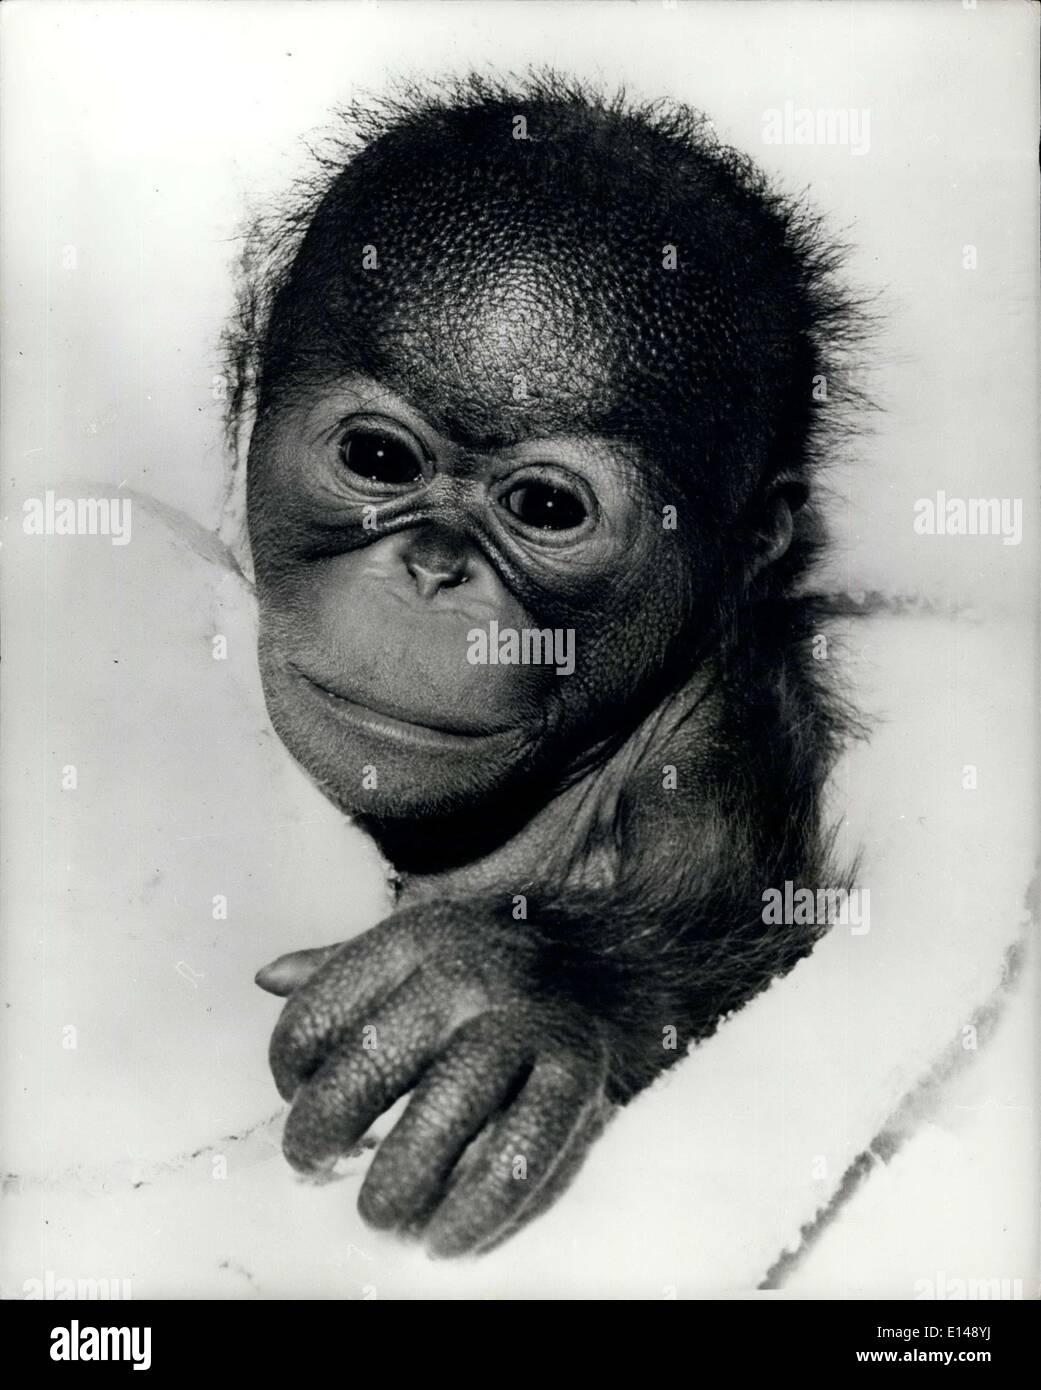 Abril 17, 2012 - abandonados por la madre. Tras una muy celebrado el nacimiento de un 31b. 80z. Bornean orangután, guardianes y funcionarios en el zoológico de San Diego han sido lanzados a las profundidades de la dis-par emocional. ''Chico'', sus apreciadas recién llegado ha sido rechazado por su madre. A pesar de todos los esfuerzos realizados por los funcionarios, el primado de la madre indica que ella no quiere su trasero fuera de la primavera. Pero no todo está perdido. El ''niño'' ha sido colocado en un vivero y criados por manos humanas. Los últimos informes revelan que el chico está haciendo un buen ajuste y visto por última vez cuando estaba teniendo un buen tiempo sólo haciendo el mono. Foto de stock